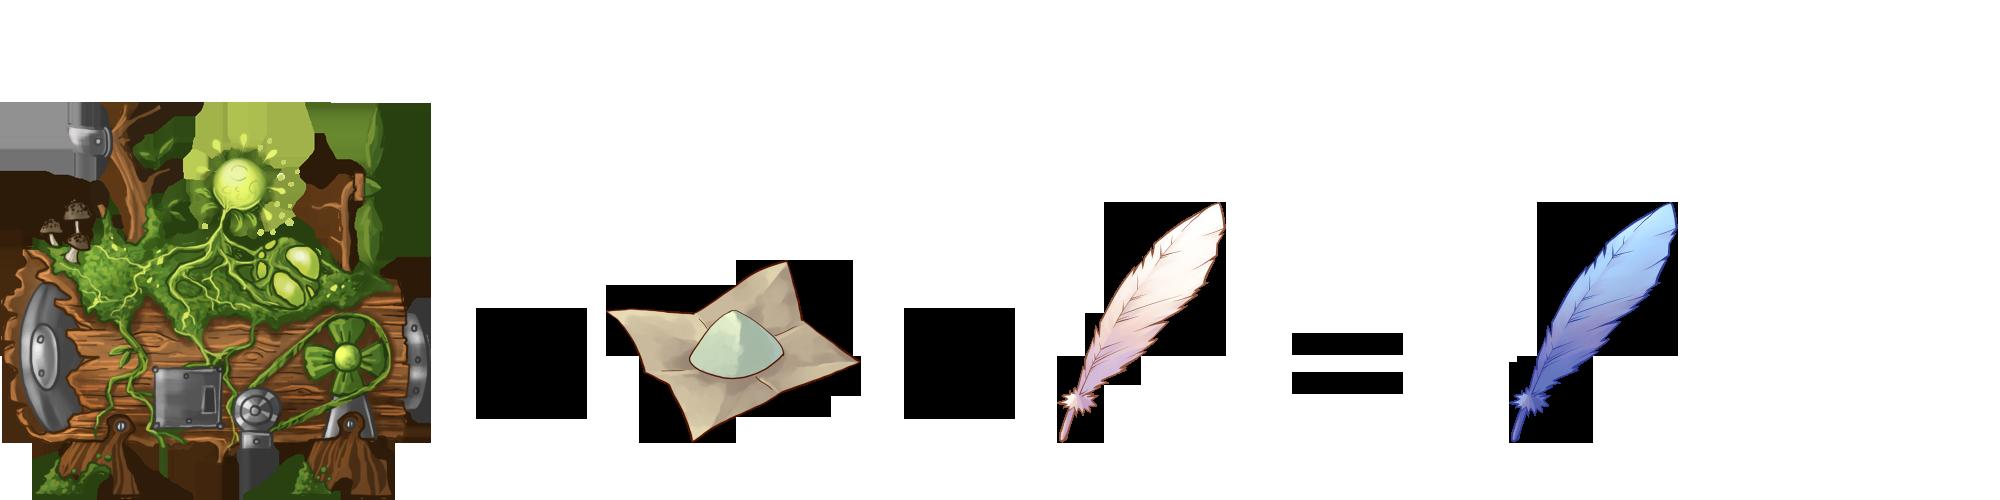 wishing feather